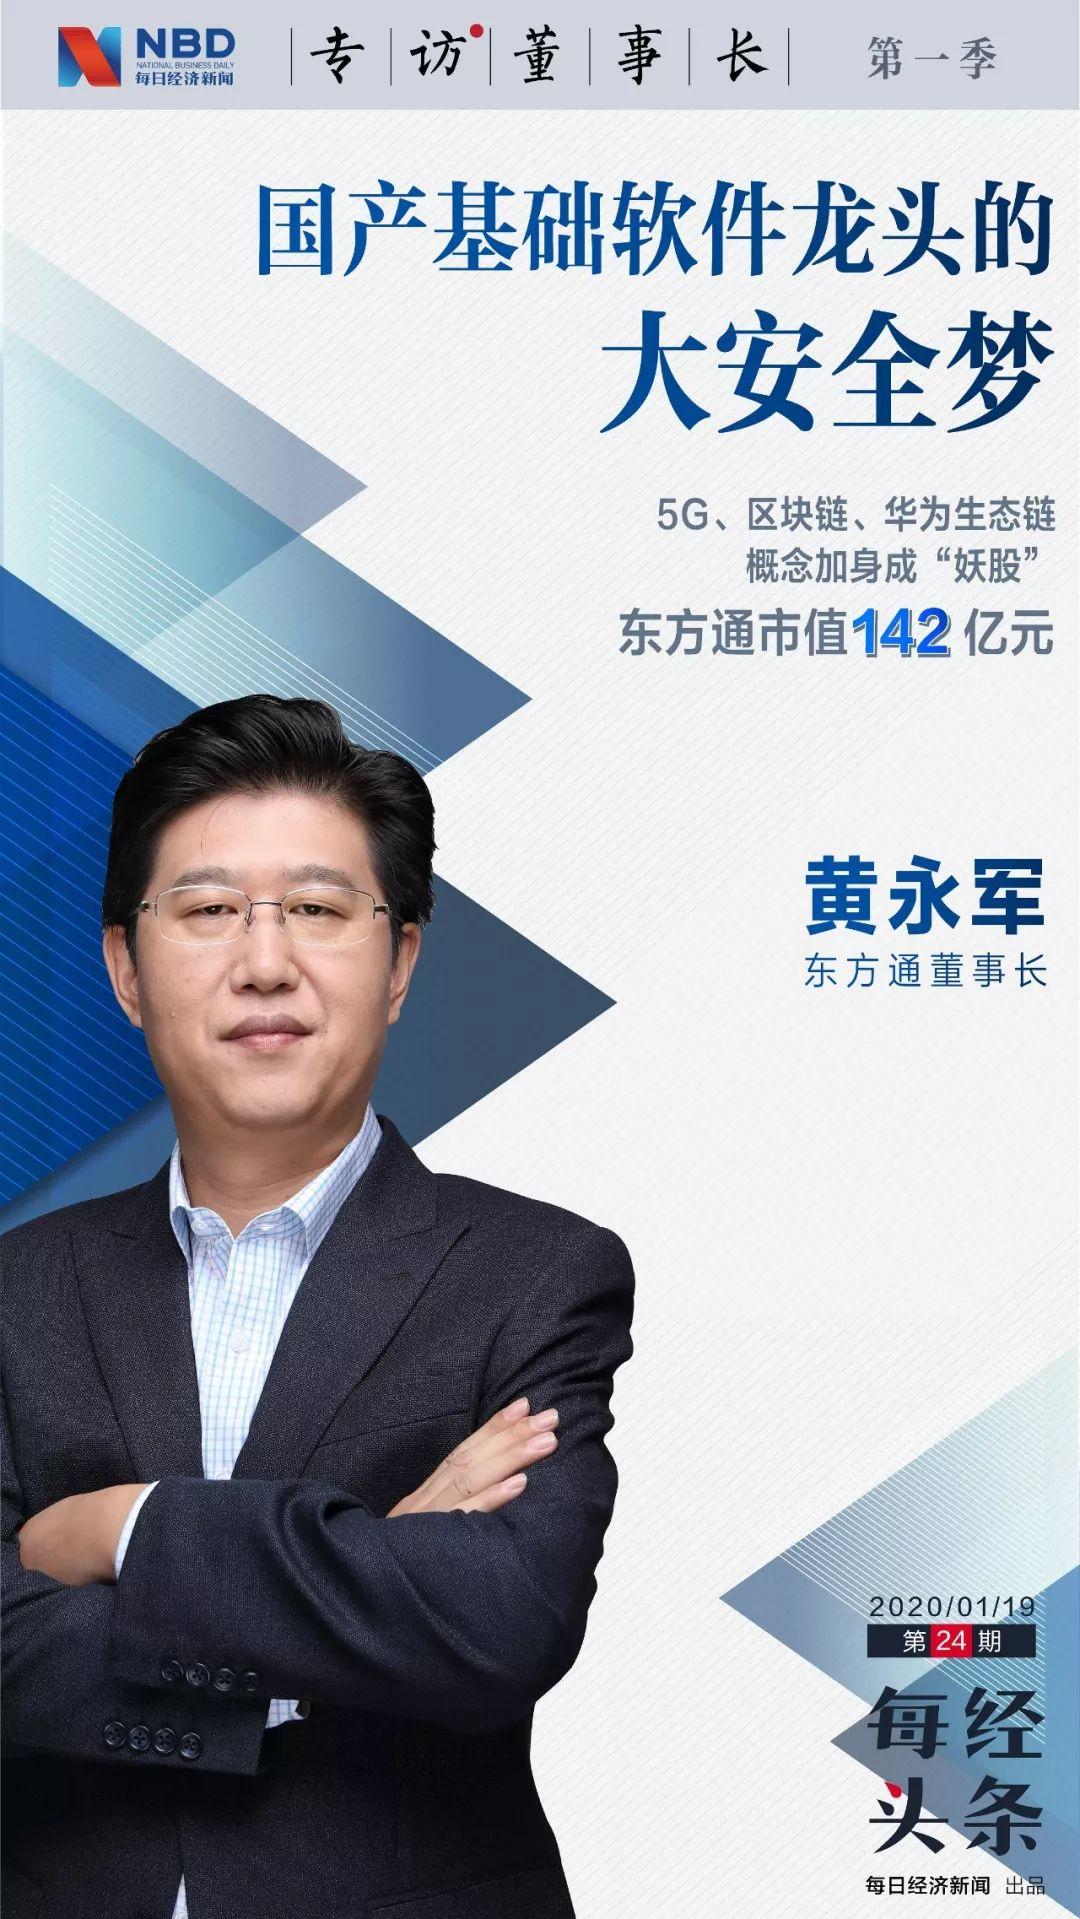 华为的5G区块链概念是否被炼成了恶魔股份东方通·黄永君没有投机的概念